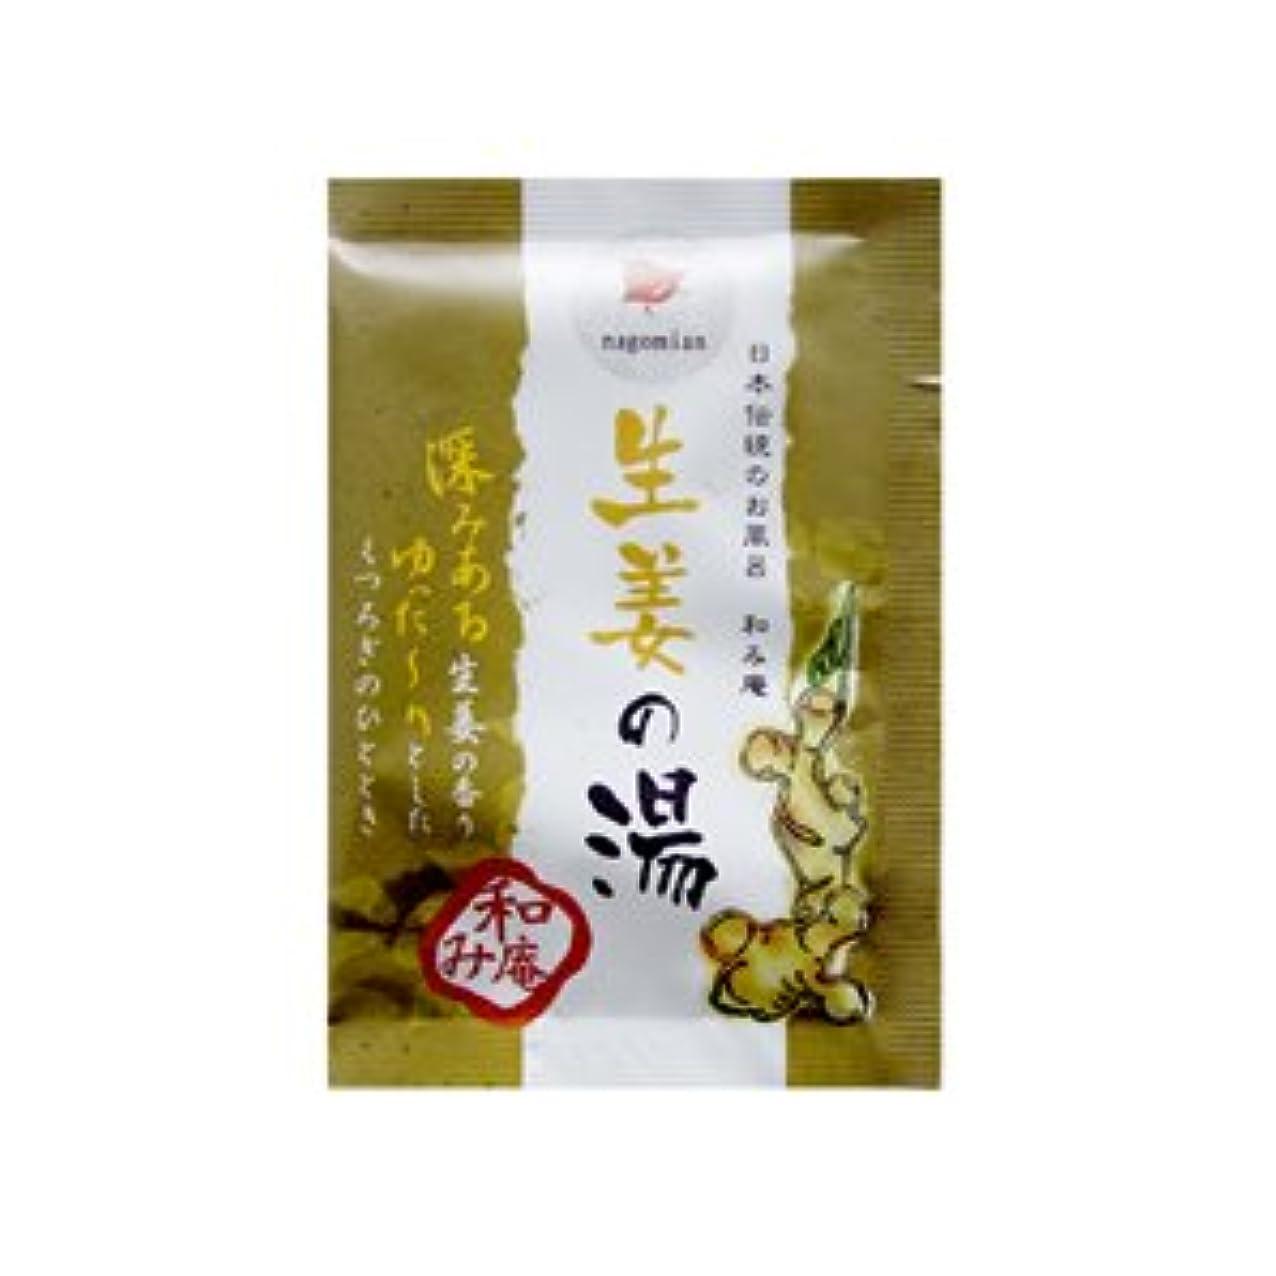 手順熟練した手順日本伝統のお風呂 和み庵 生姜の湯 25g 10個セット